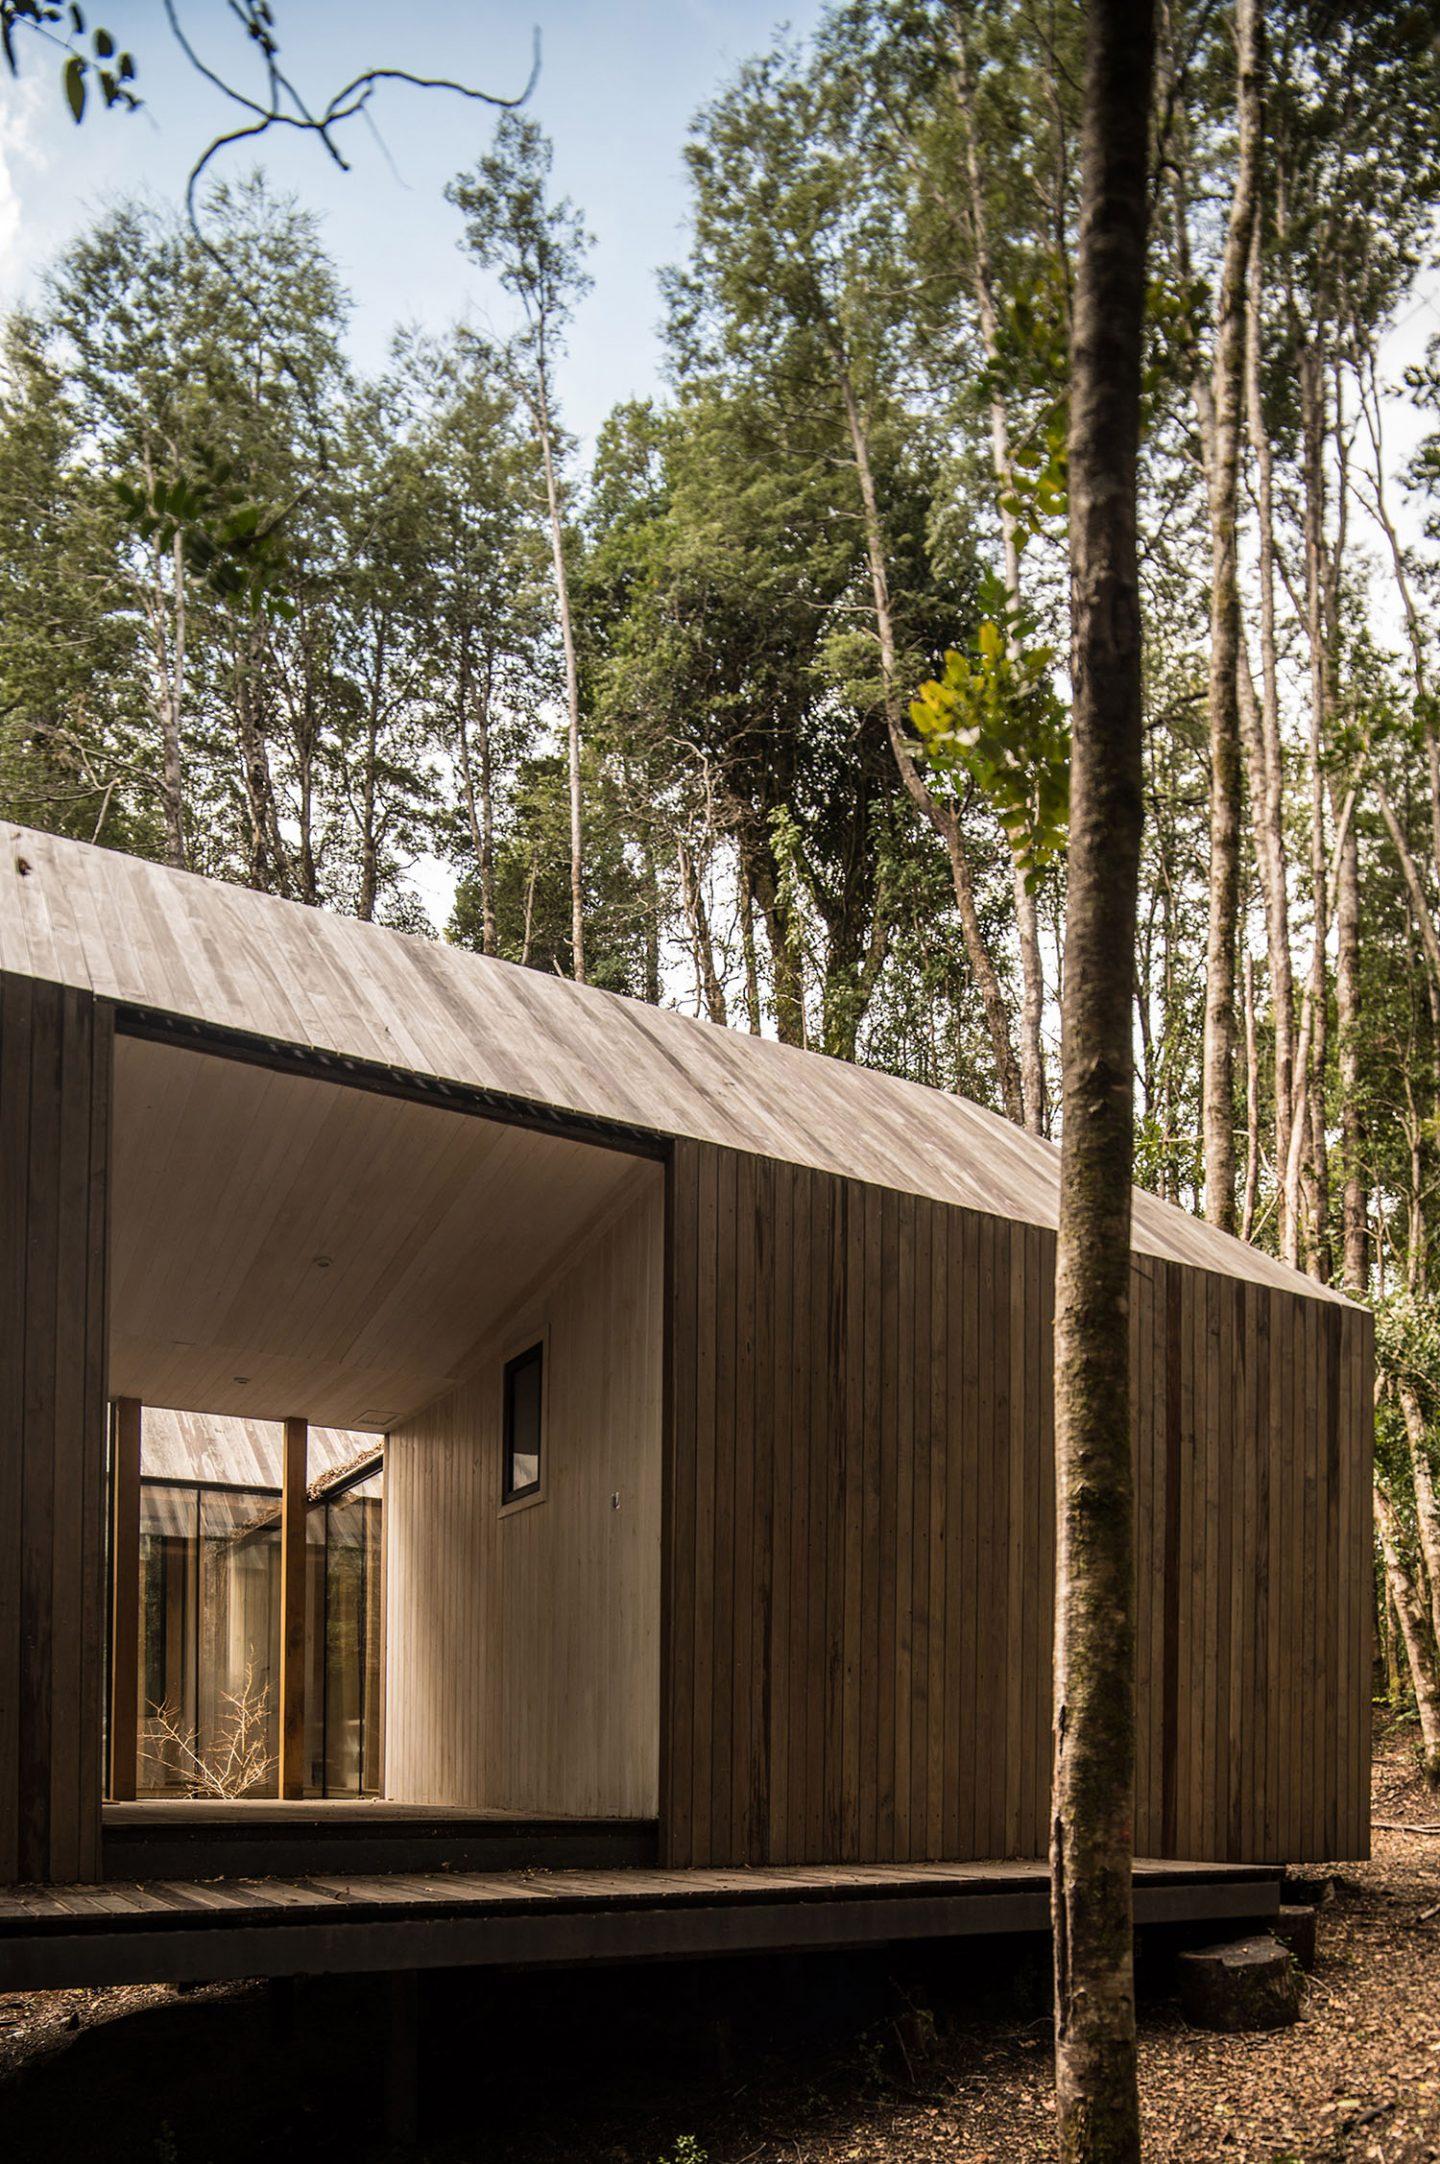 IGNANT-Architecture-SAAArquitecturaoTerritorio-RefugioImpluvio-7